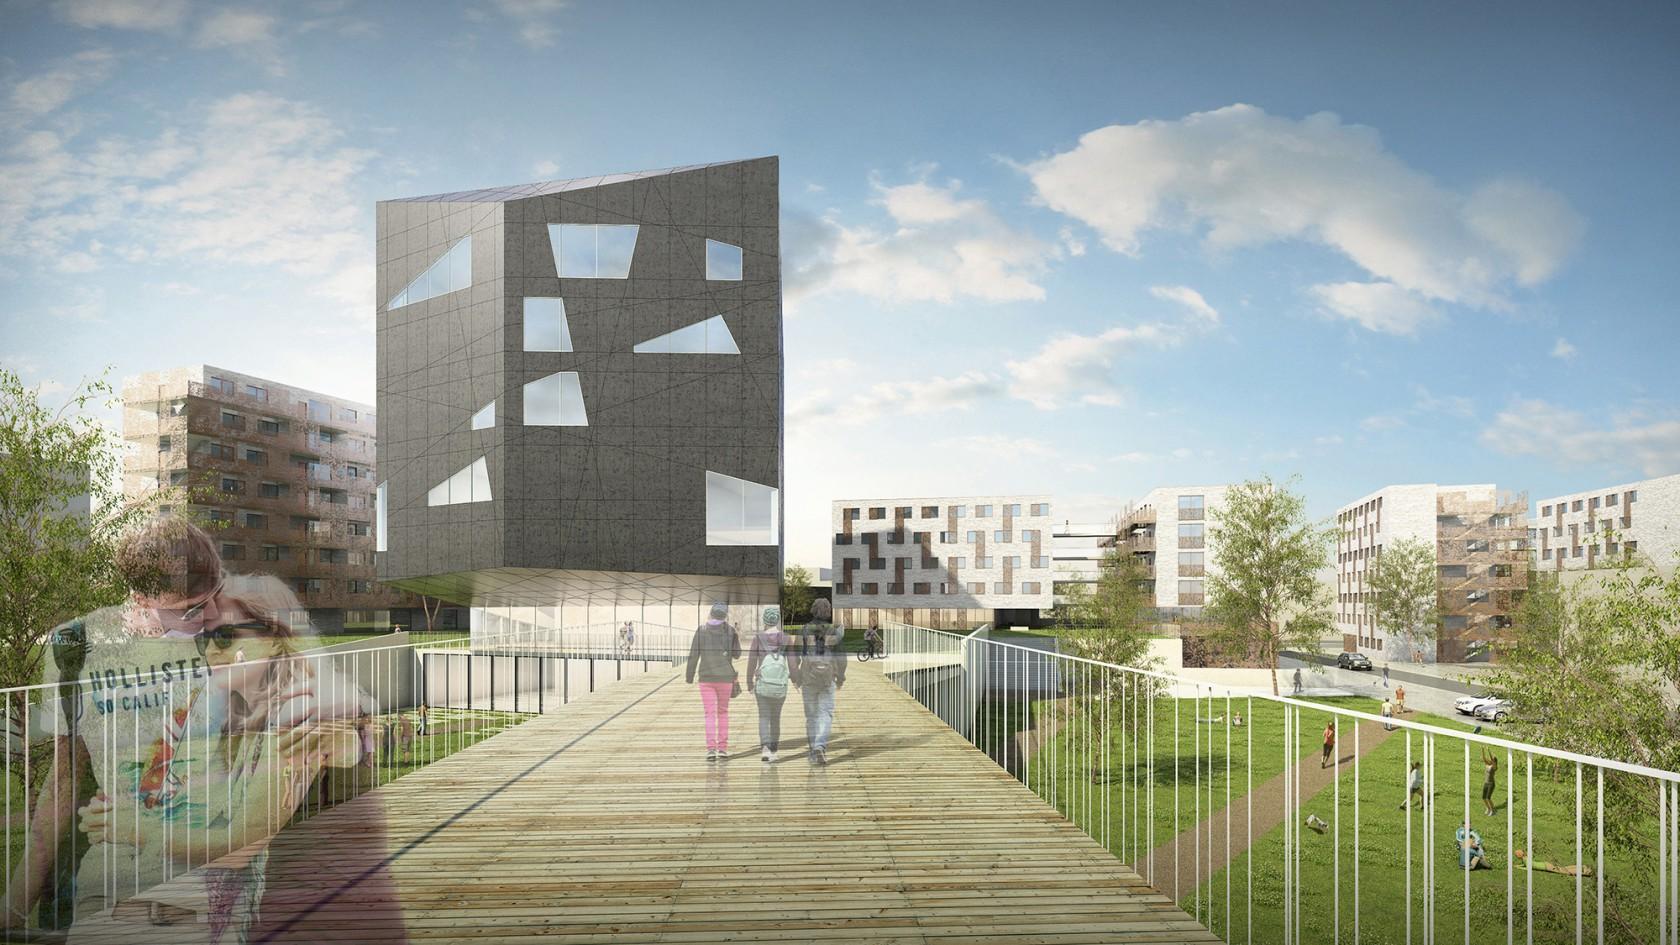 Abscis Architecten - Herkenningspunt van de Campus – visualisatie Abscis Architecten